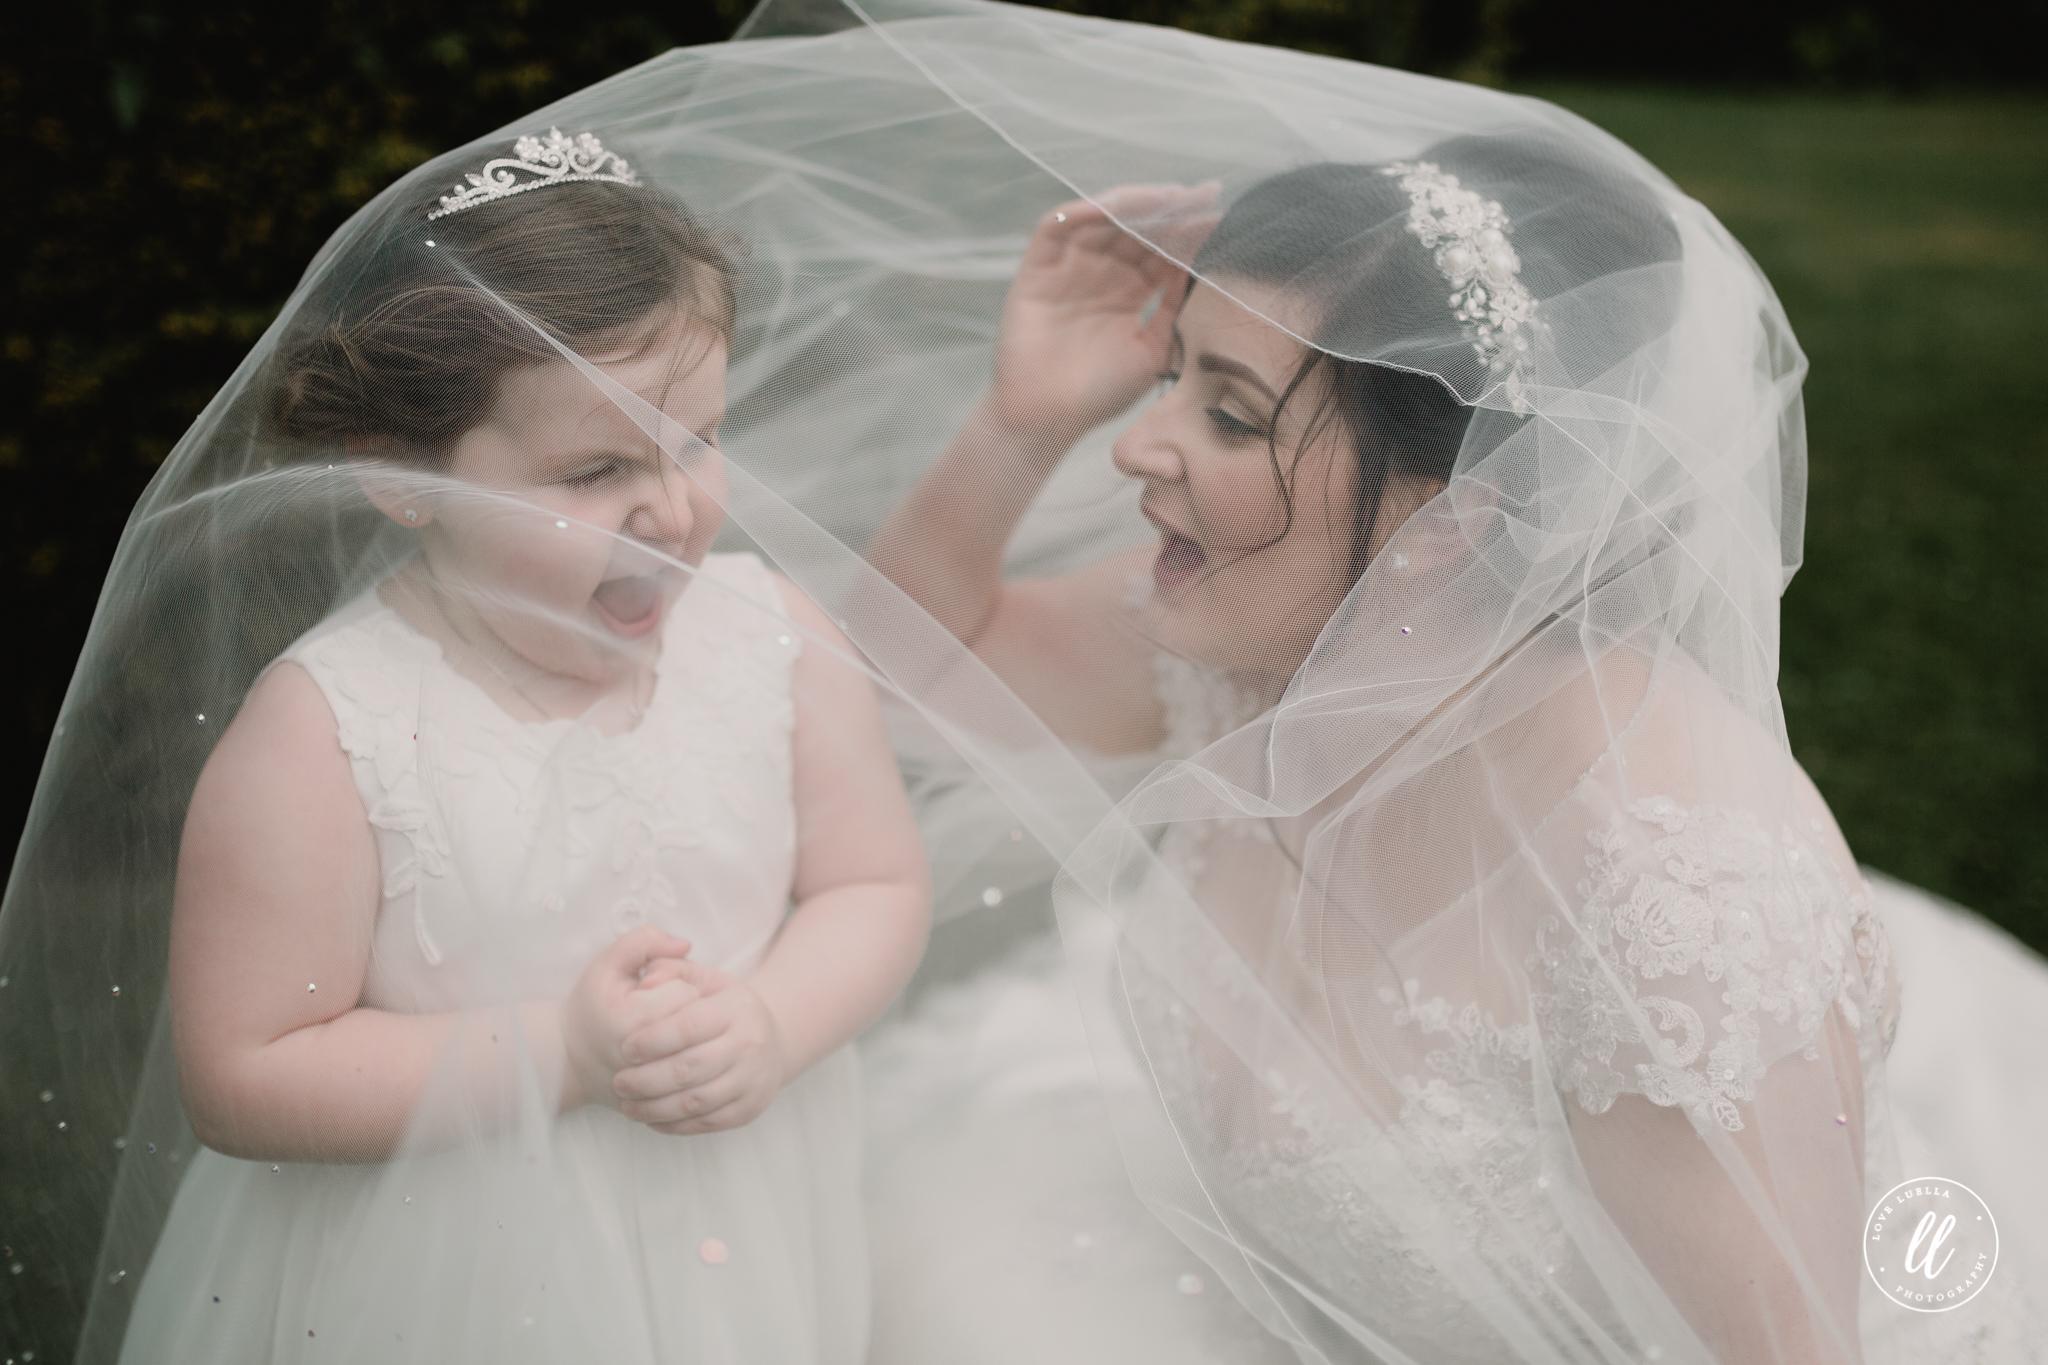 A fun Bride and Daughter portrait